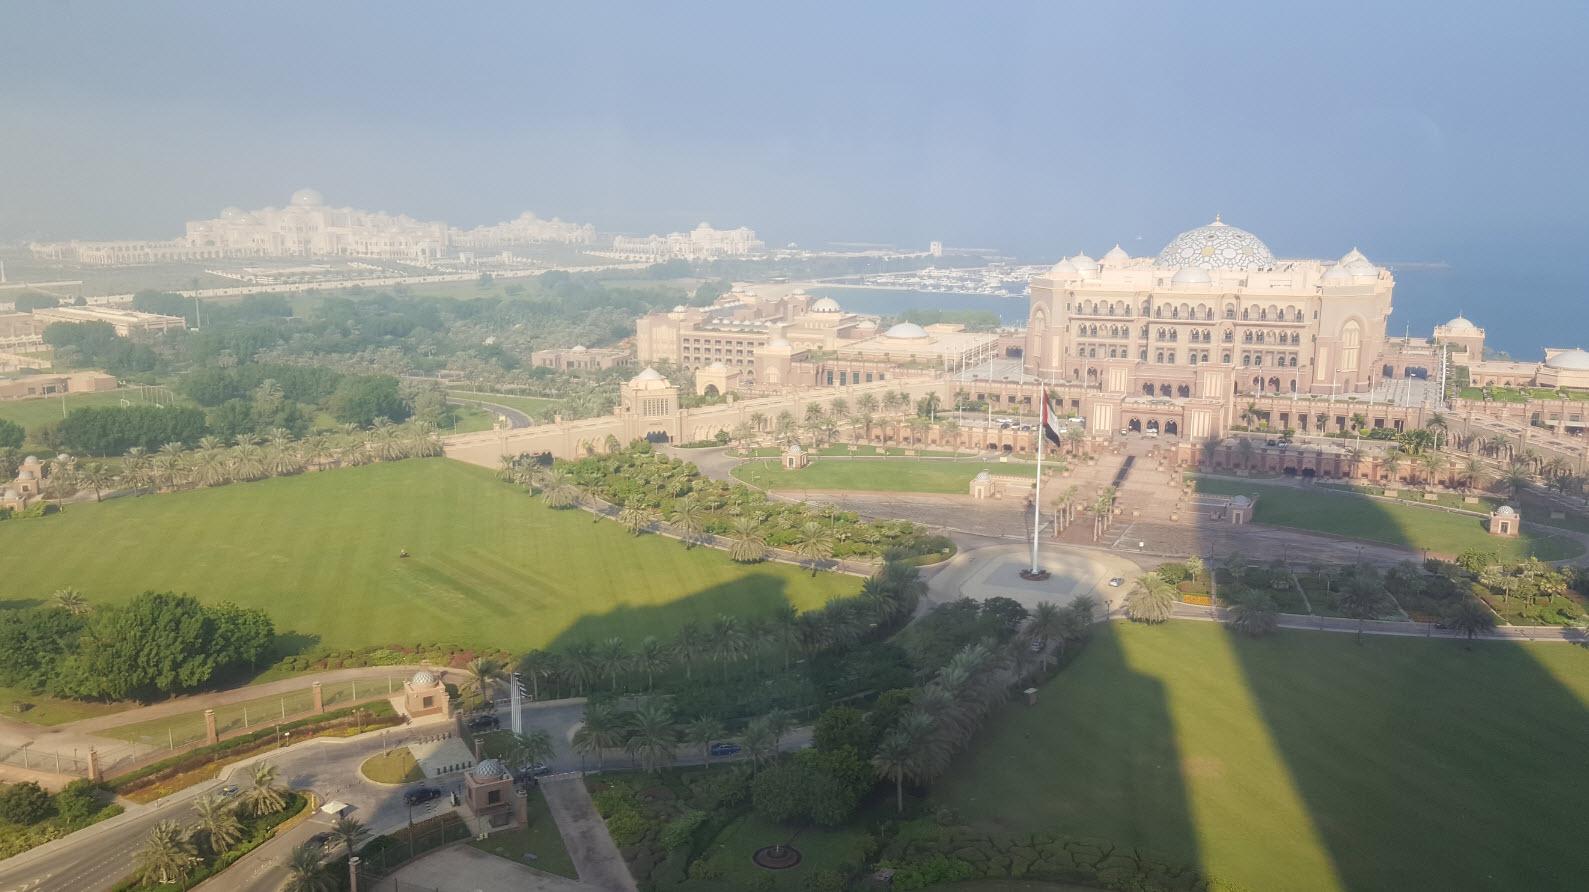 Vue sur Emirates Palace et Presidential Palace